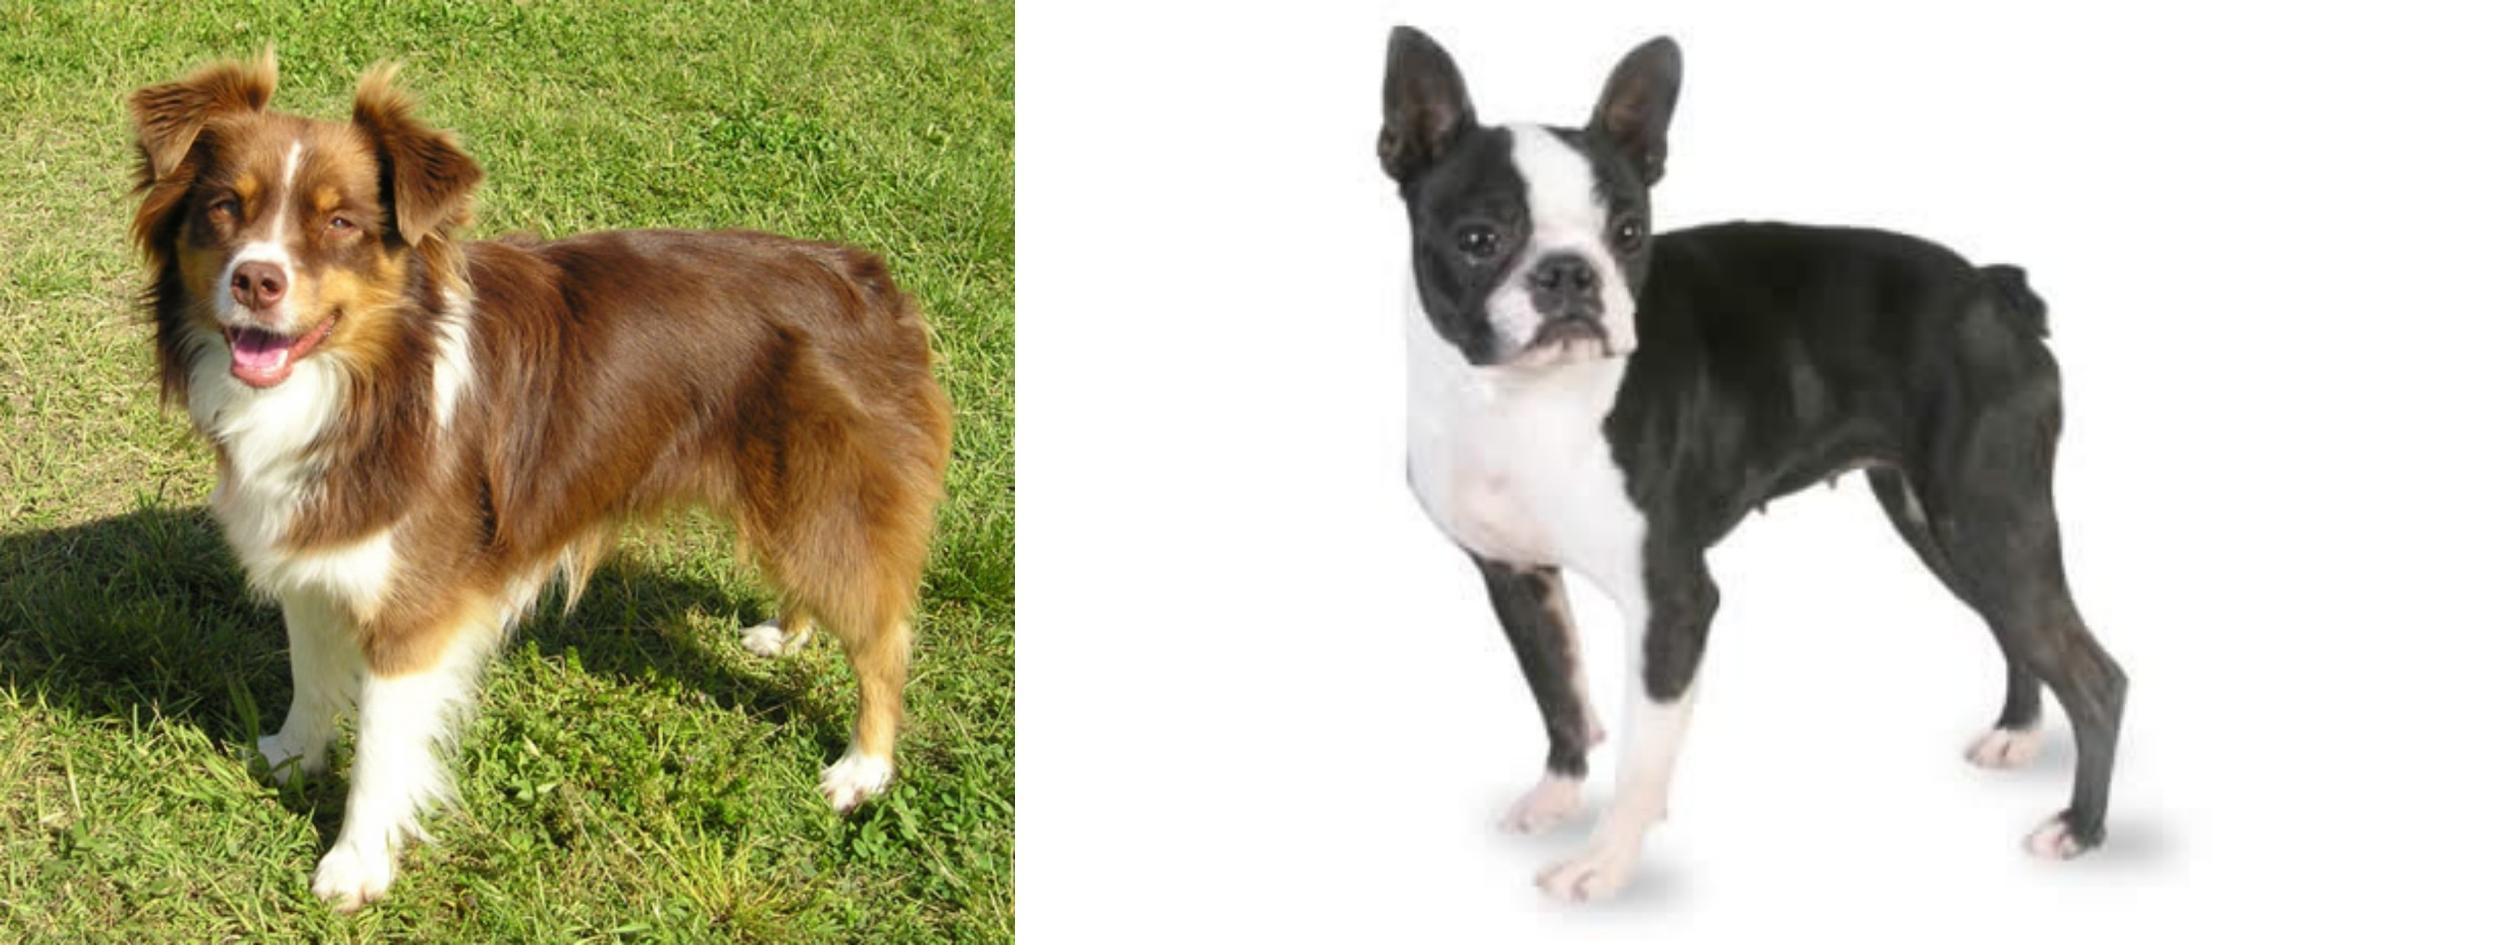 Miniature Australian Shepherd vs Boston Terrier - Breed ...